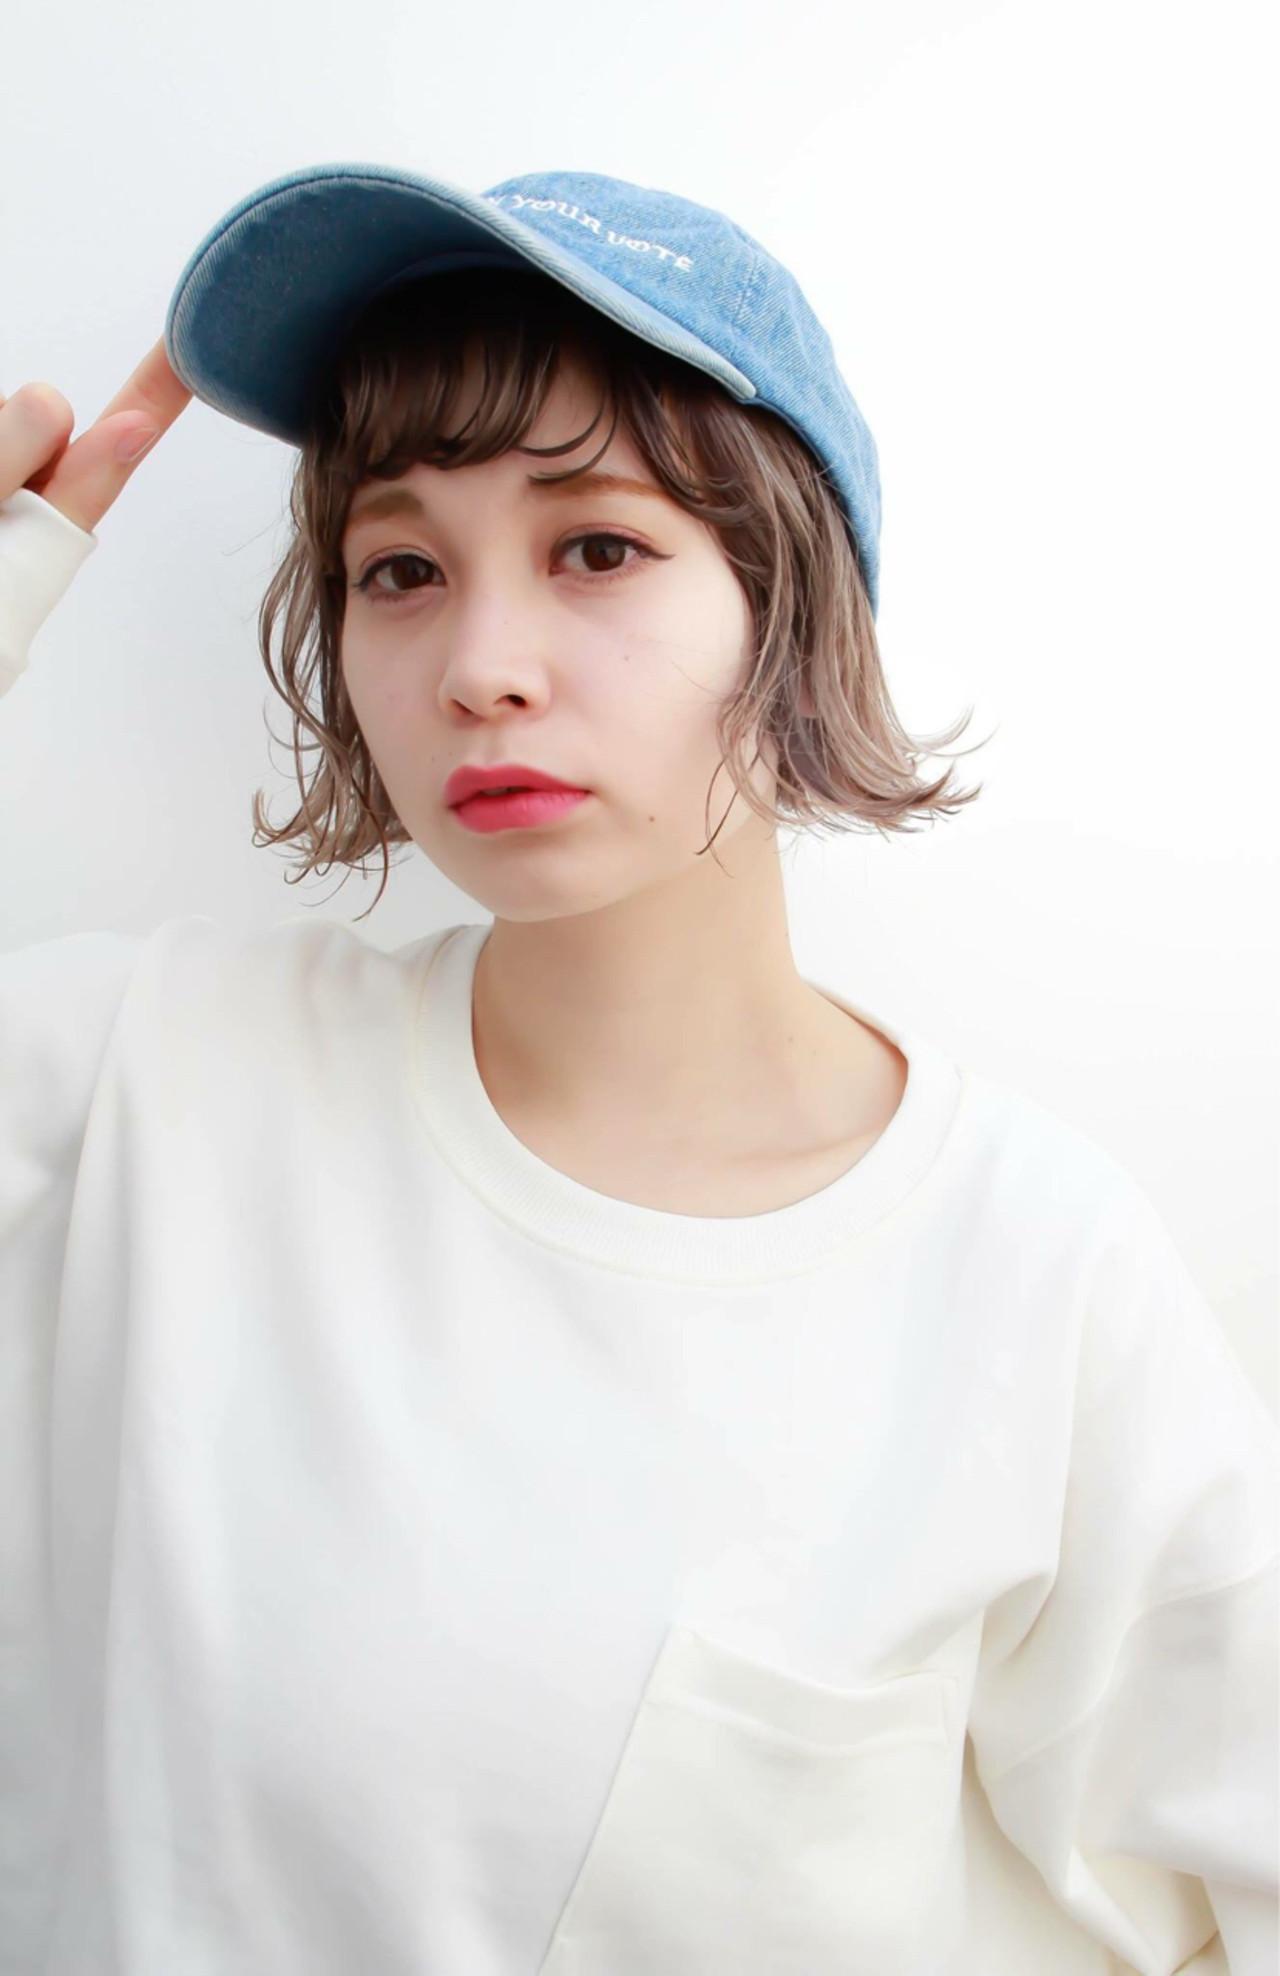 おすすめの短めタンバルモリスタイル② 高沼 達也 / byトルネード | トルネード